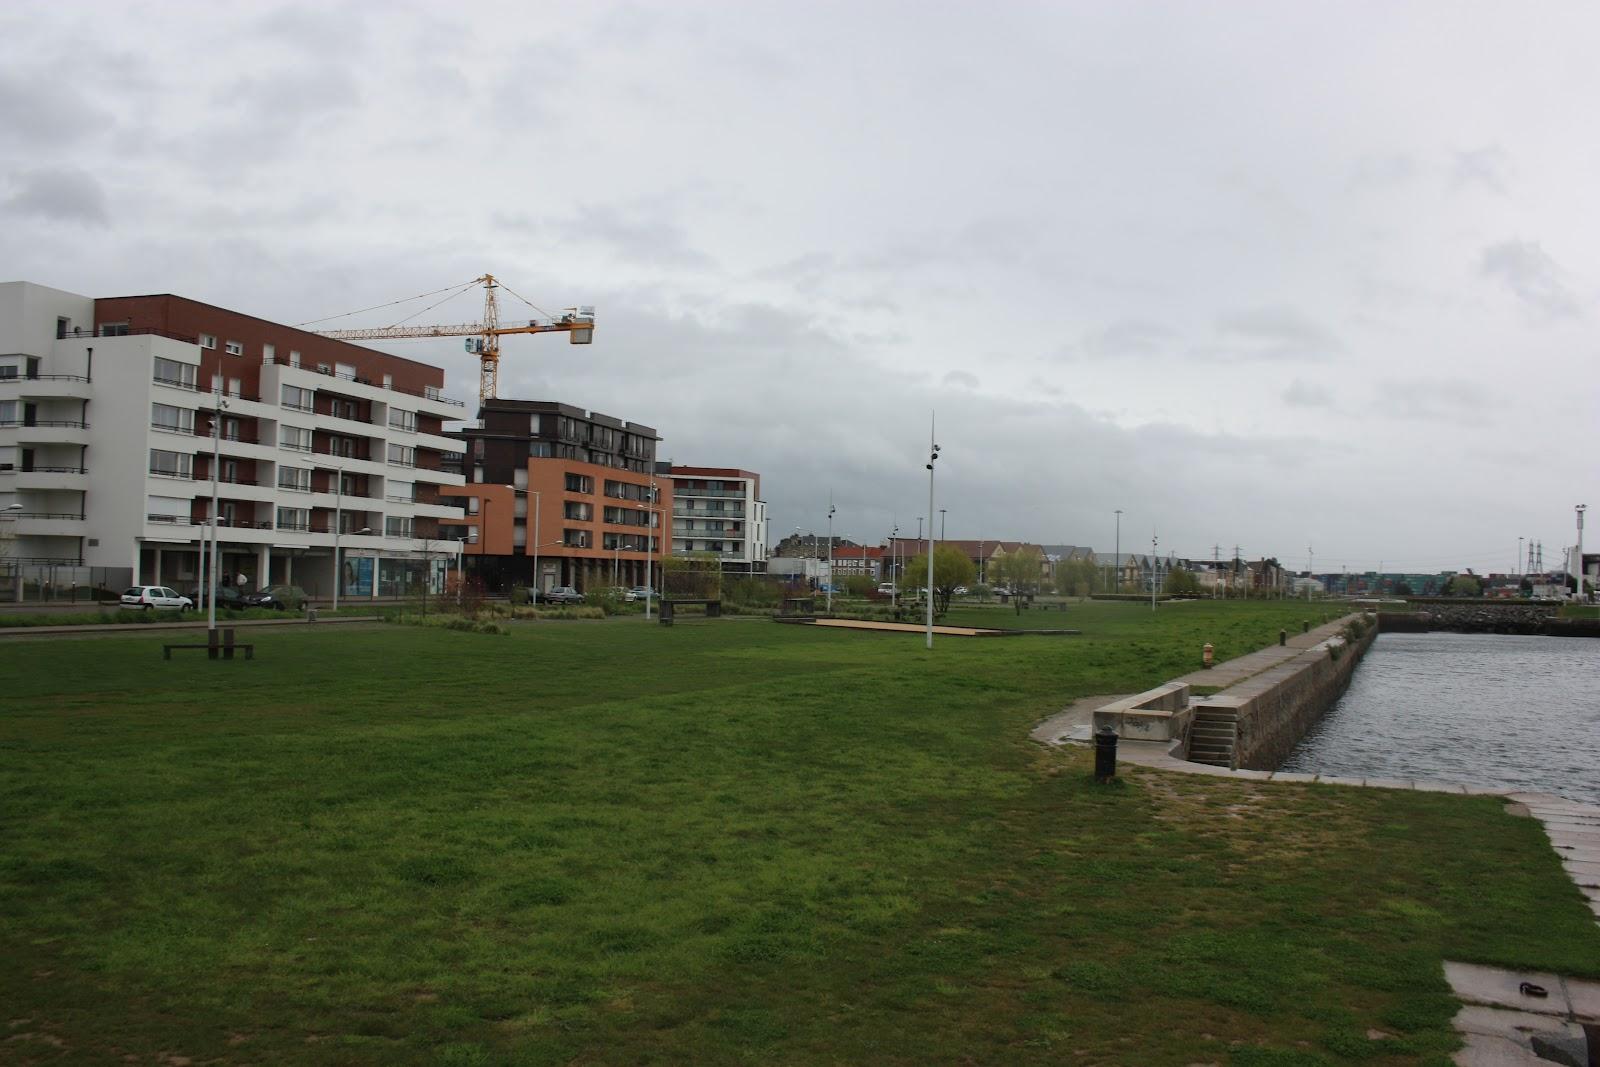 Vis le architecture urbanisme paysage patrimoine for Entretien jardin le havre